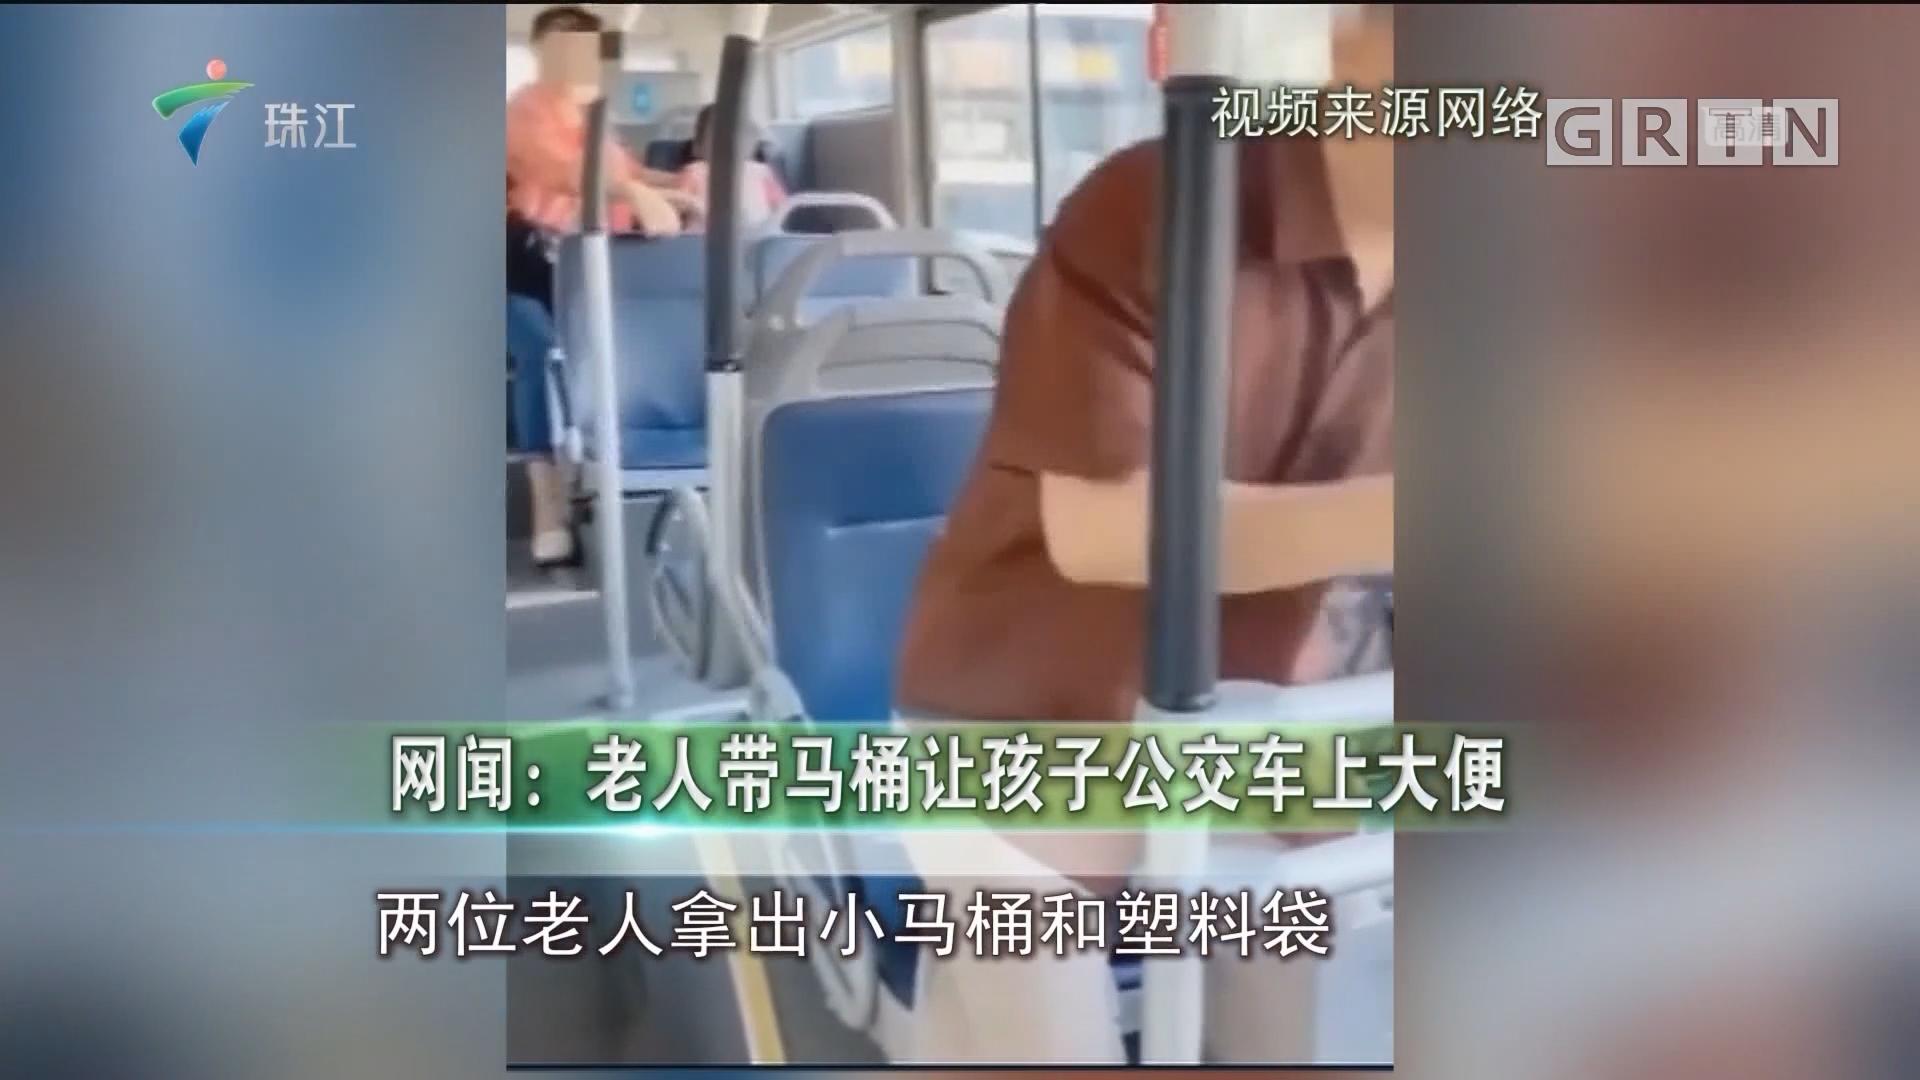 网闻:老人带马桶让孩子公交车上大便